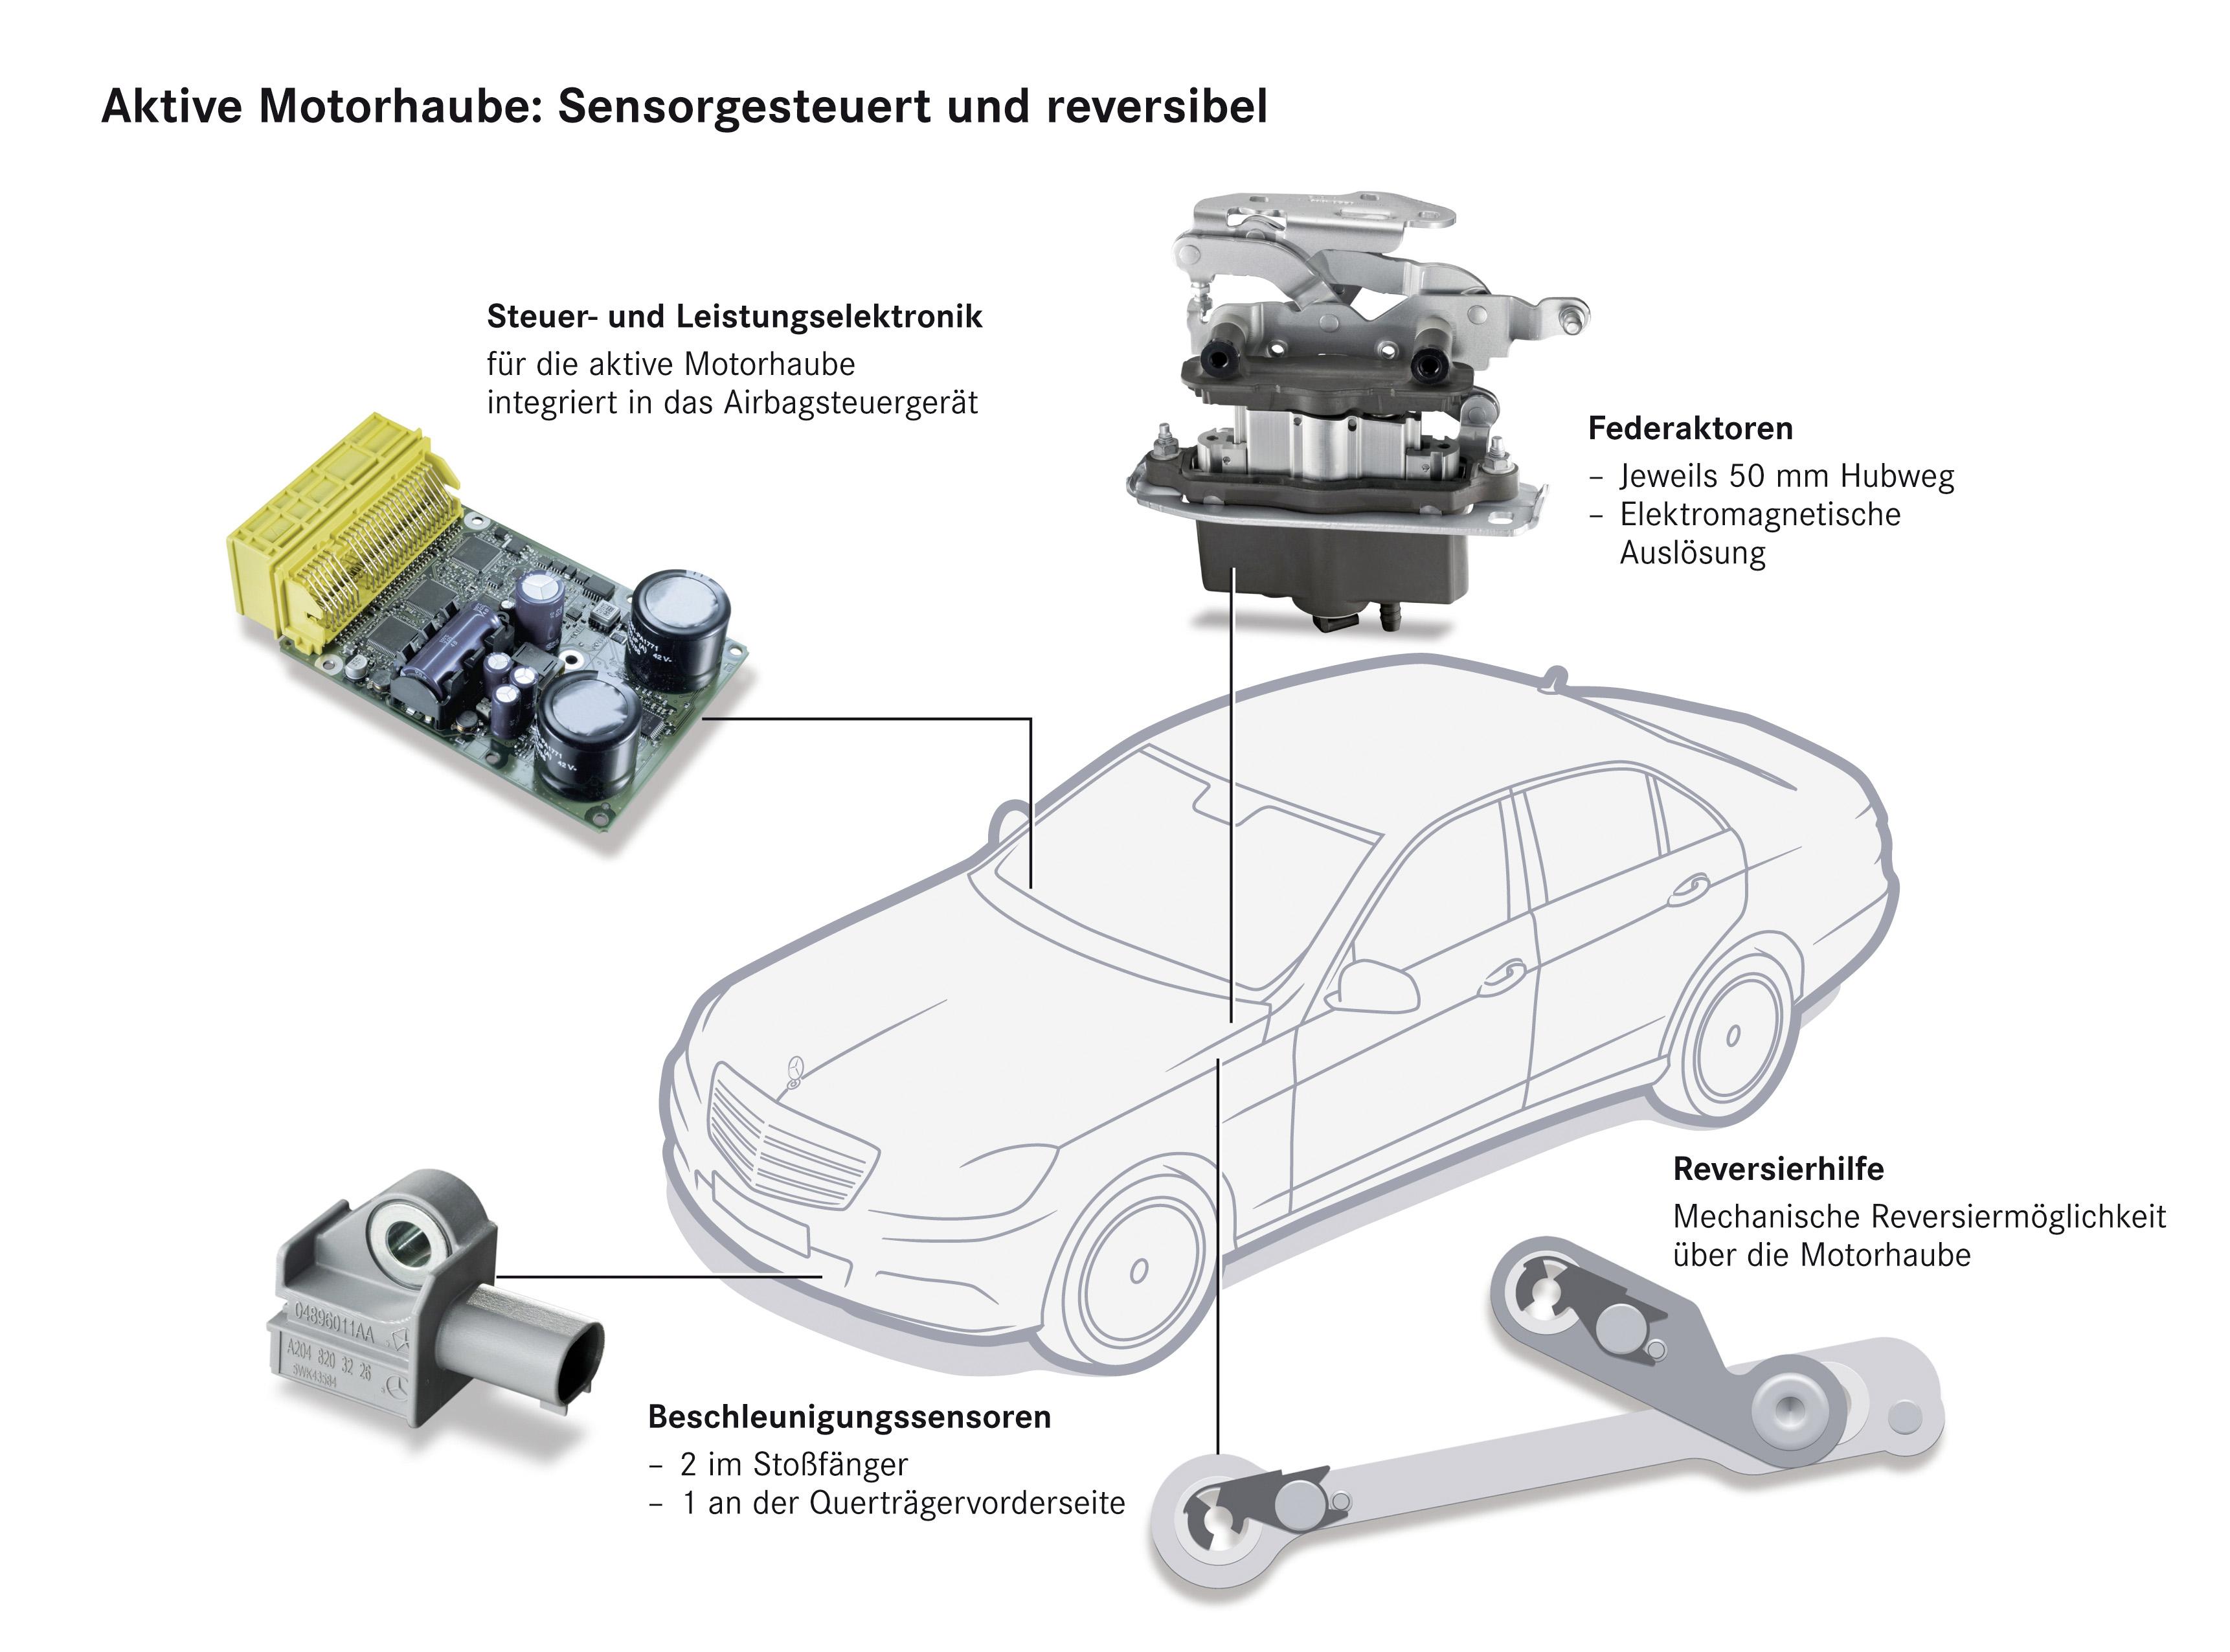 Erfreut Diagramm Unter Der Motorhaube Eines Autos Zeitgenössisch ...